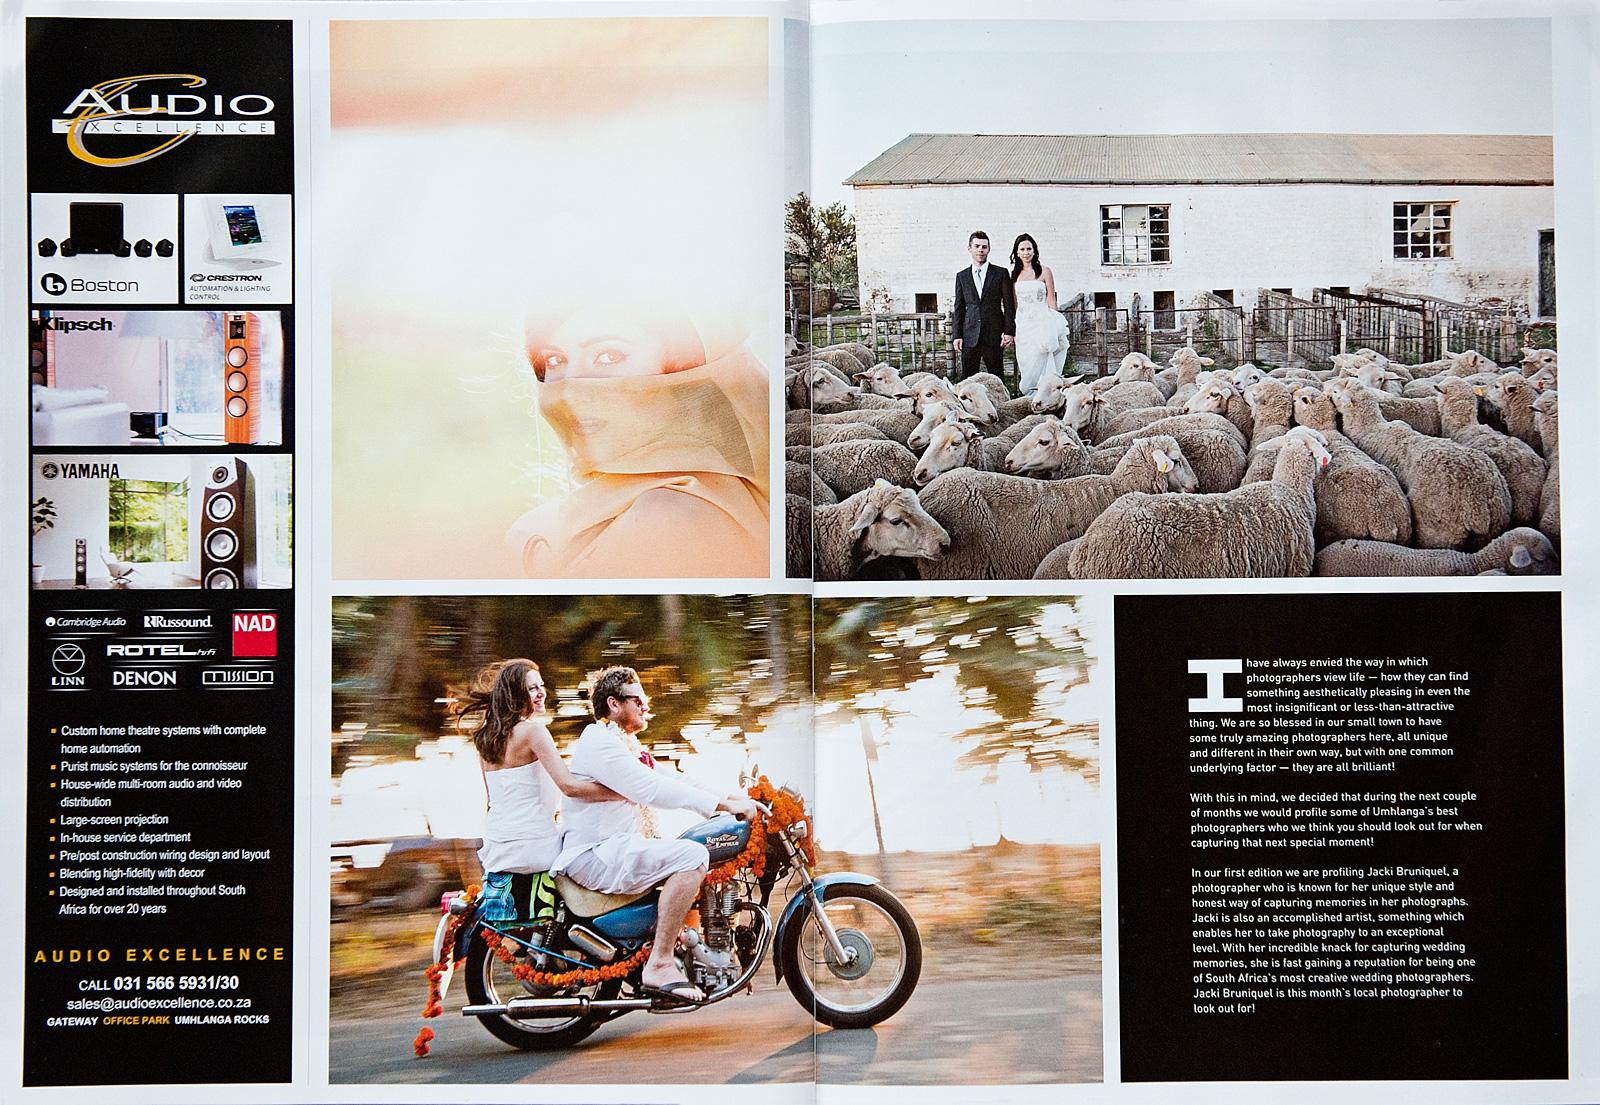 Jacki-Bruniquel-The-Umhlanga-Magazine-2